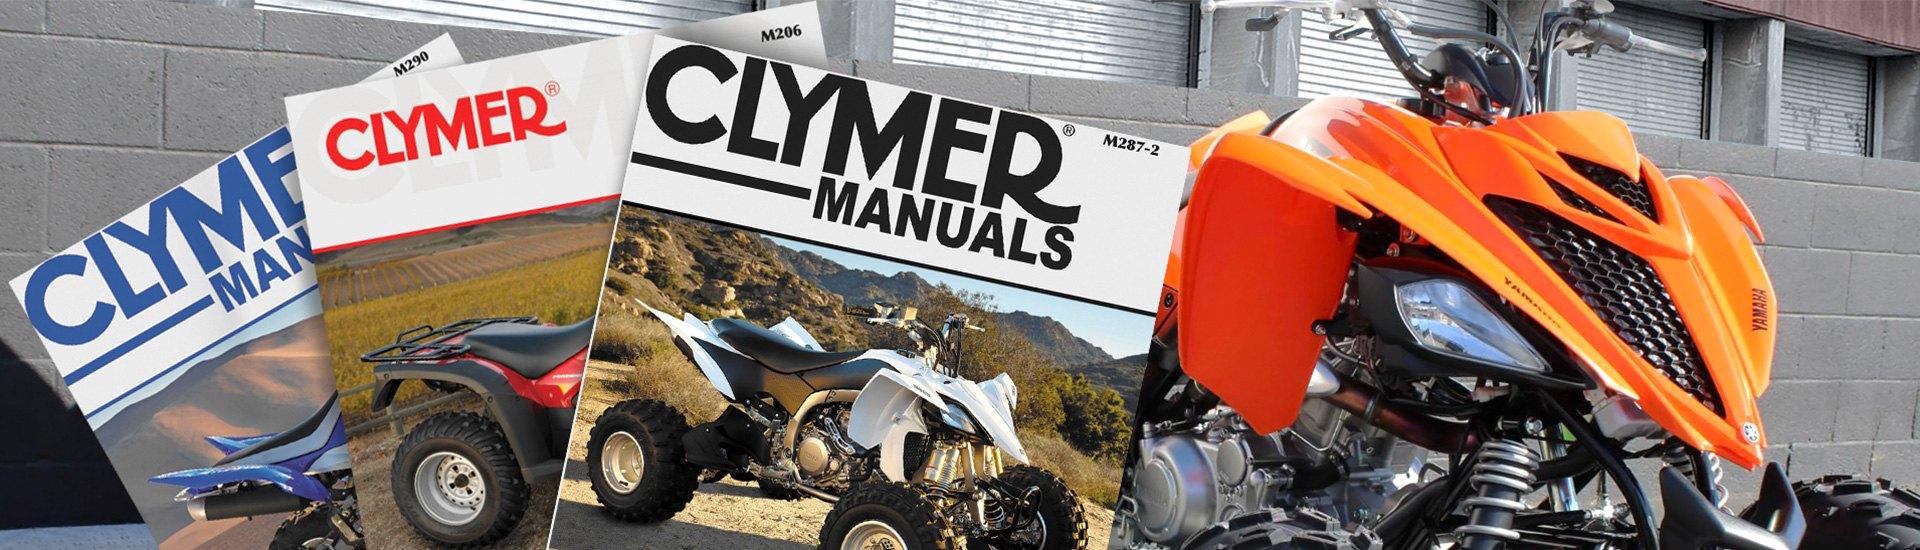 Clymer Repair Manual for Honda TRX420 Rancher M202